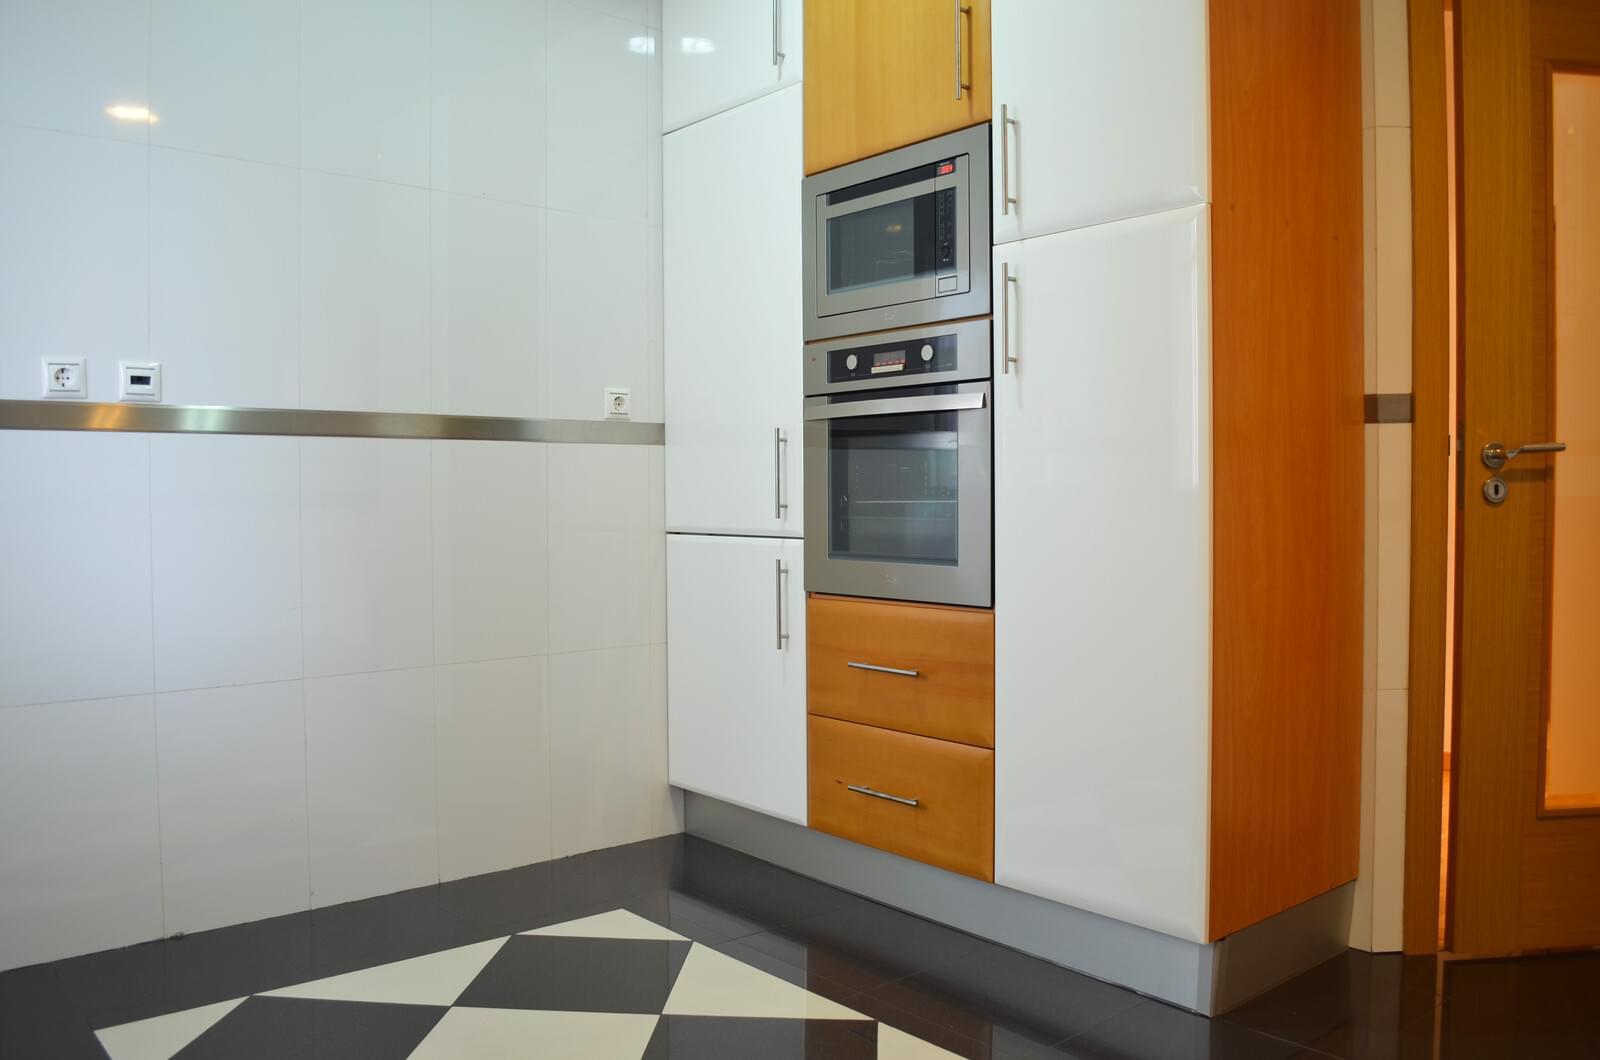 pf18839-apartamento-t2-lisboa-a32962cb-6c89-45aa-b7fa-0ce8aad40dd4